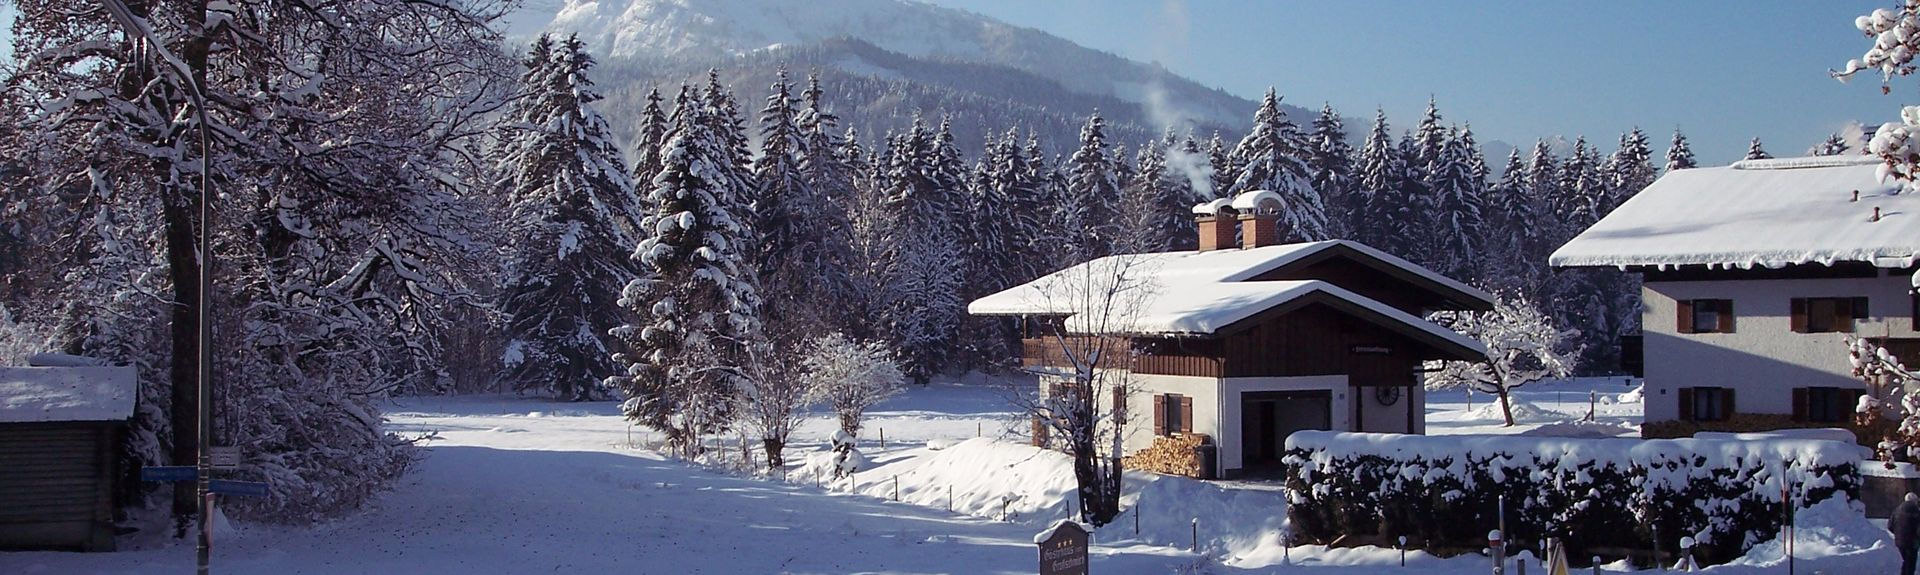 Aschau im Chiemgau, Beieren, Duitsland